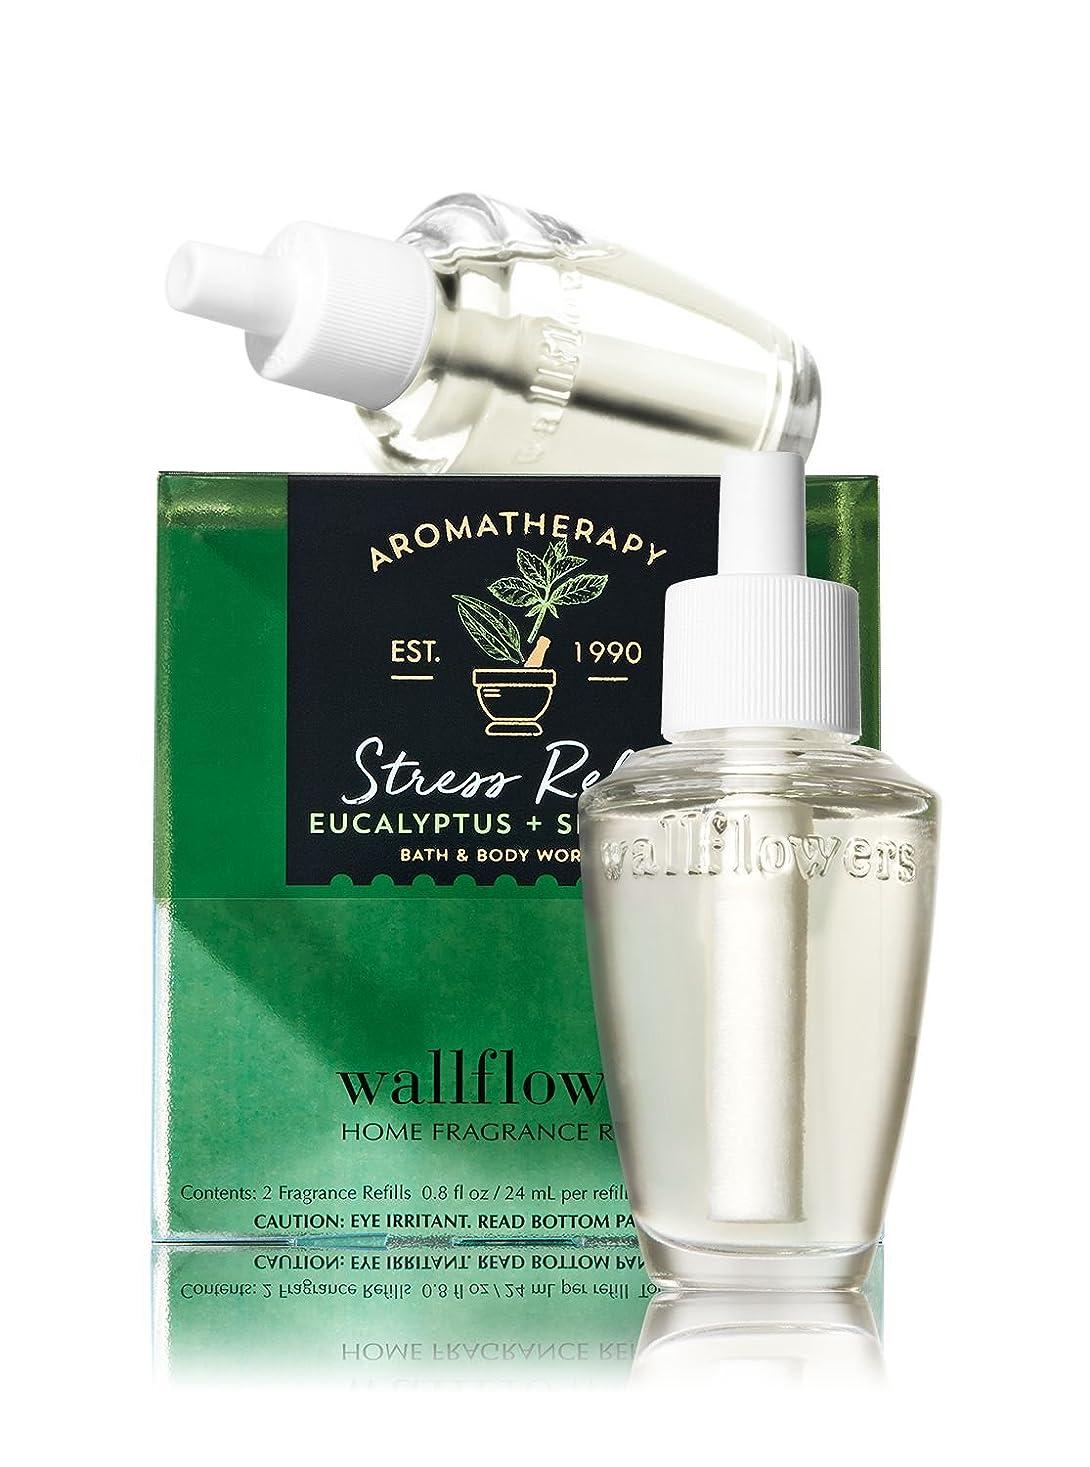 兵器庫バッフル絶対の【Bath&Body Works/バス&ボディワークス】 ルームフレグランス 詰替えリフィル(2個入り) ストレスリリーフ ユーカリスペアミント Wallflowers Home Fragrance 2-Pack Refills Stress Relief Eucalyptus Spearmint [並行輸入品]